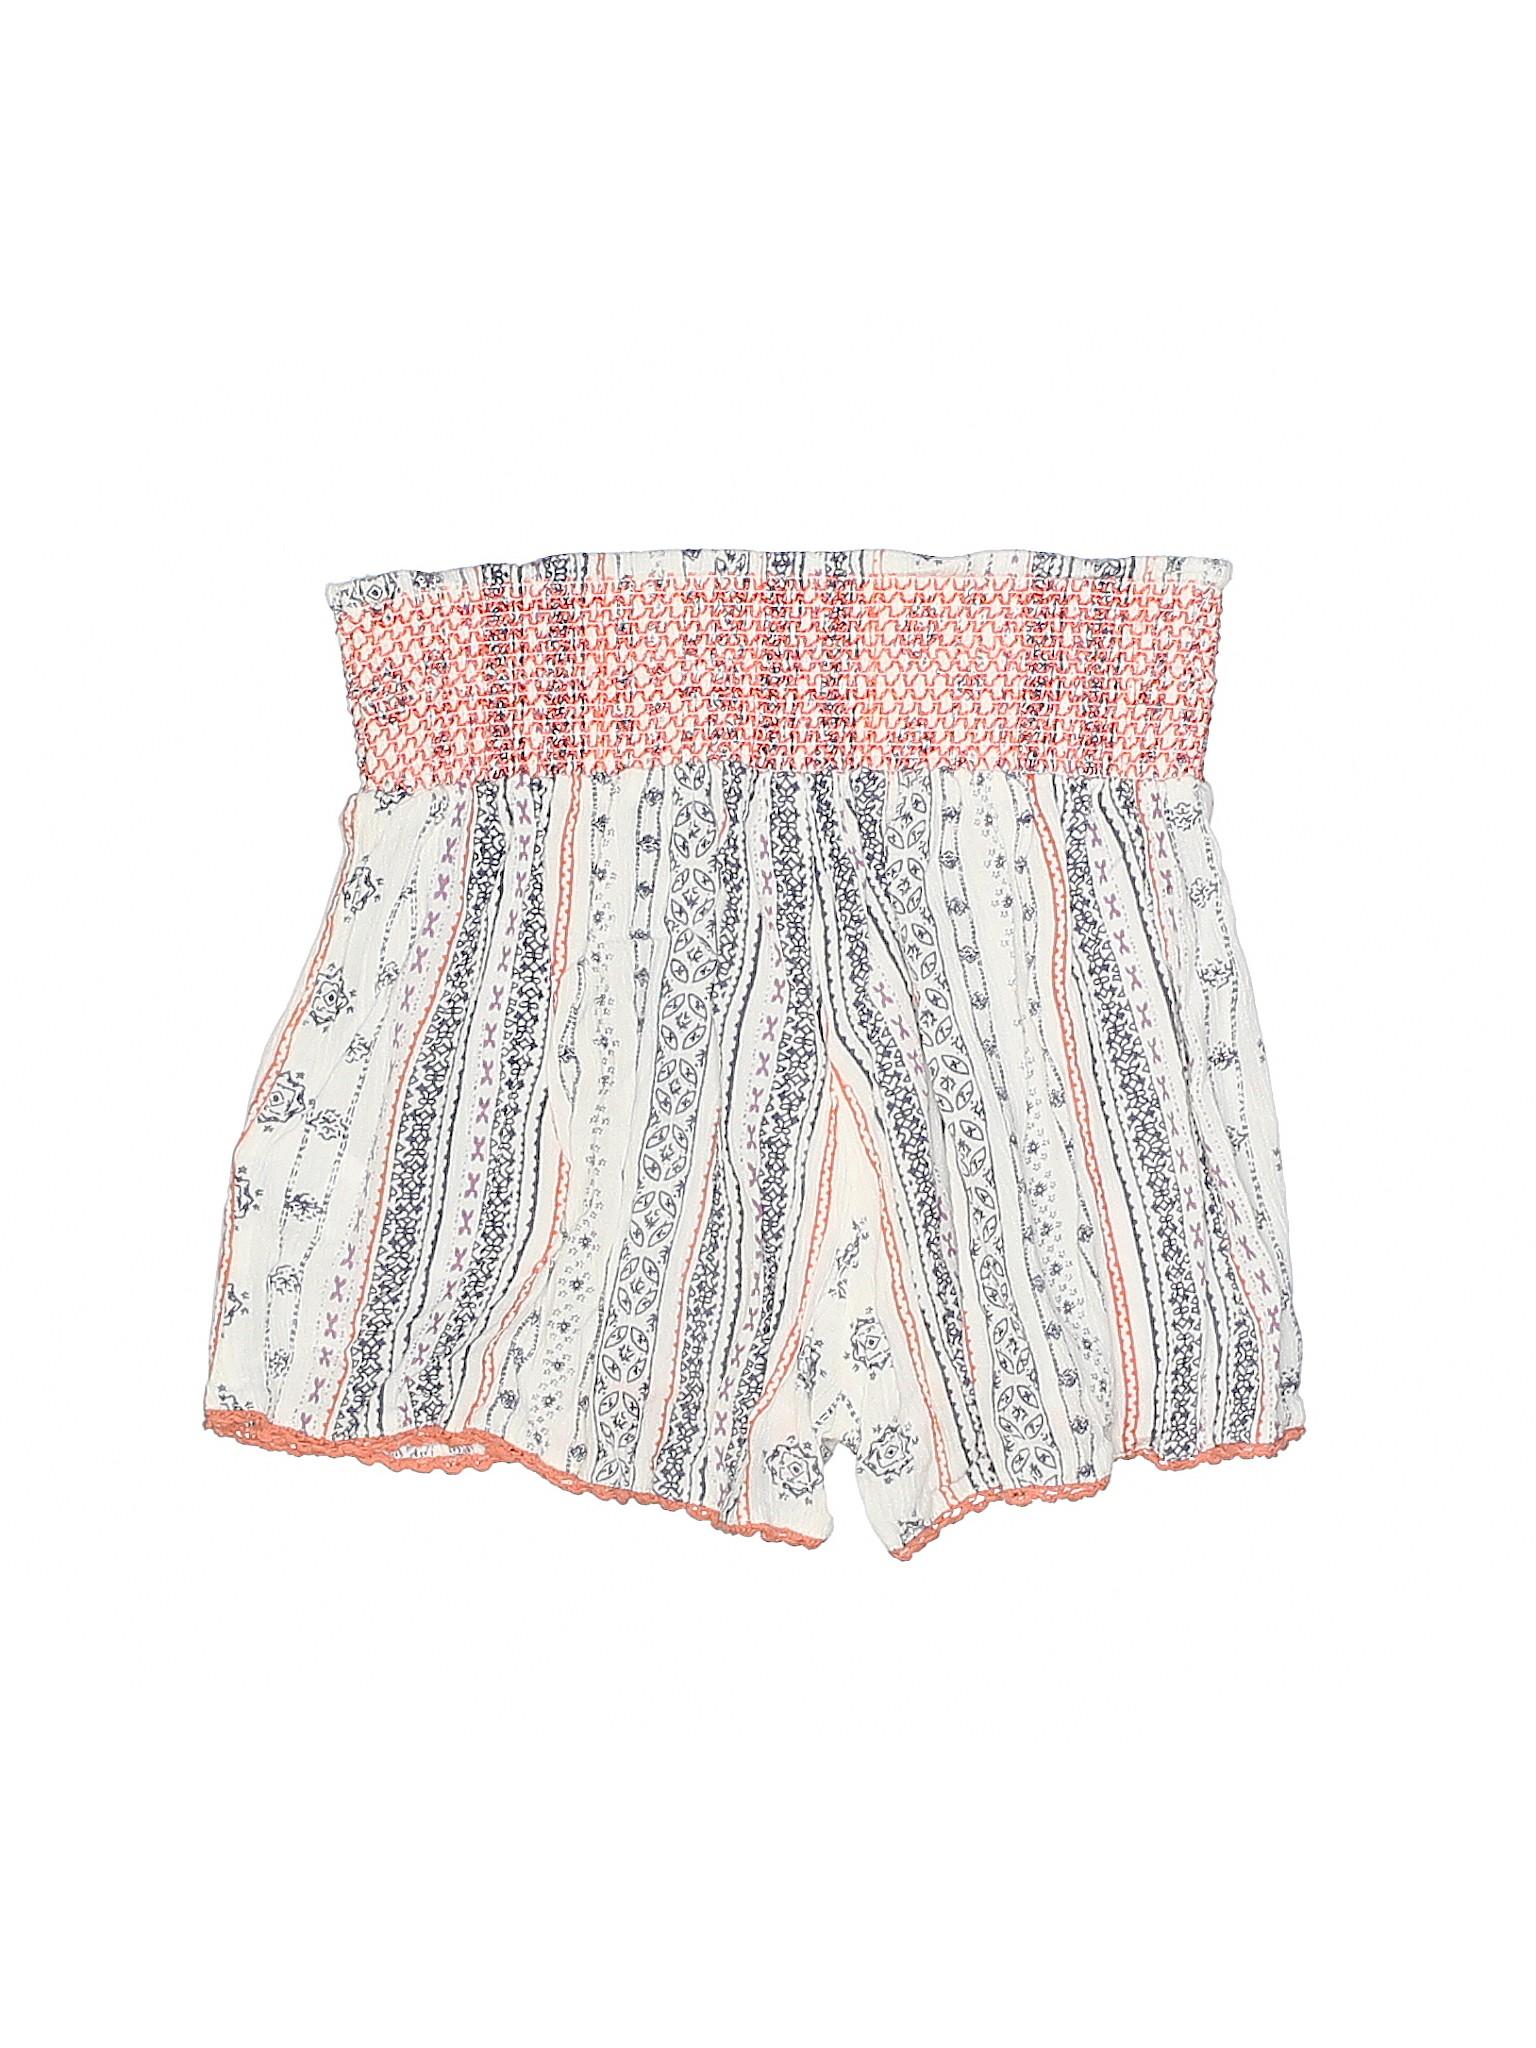 Boutique Creme Shorts Creme En Boutique Shorts En Boutique Shorts Boutique Creme En En gxgqrpw